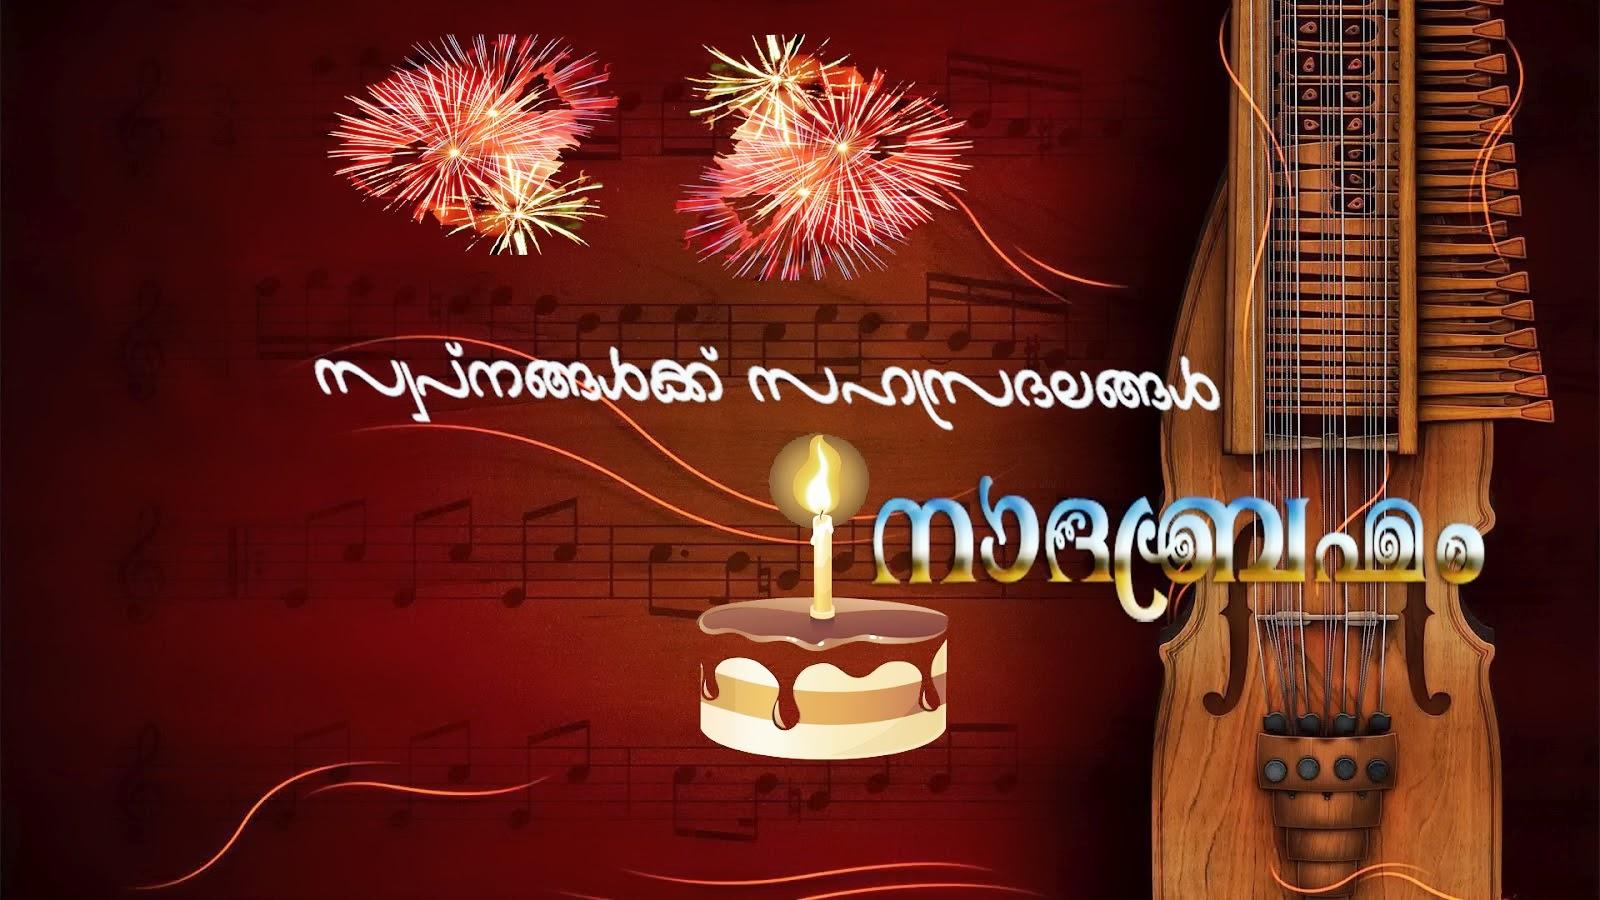 നാദബ്രഹ്മം